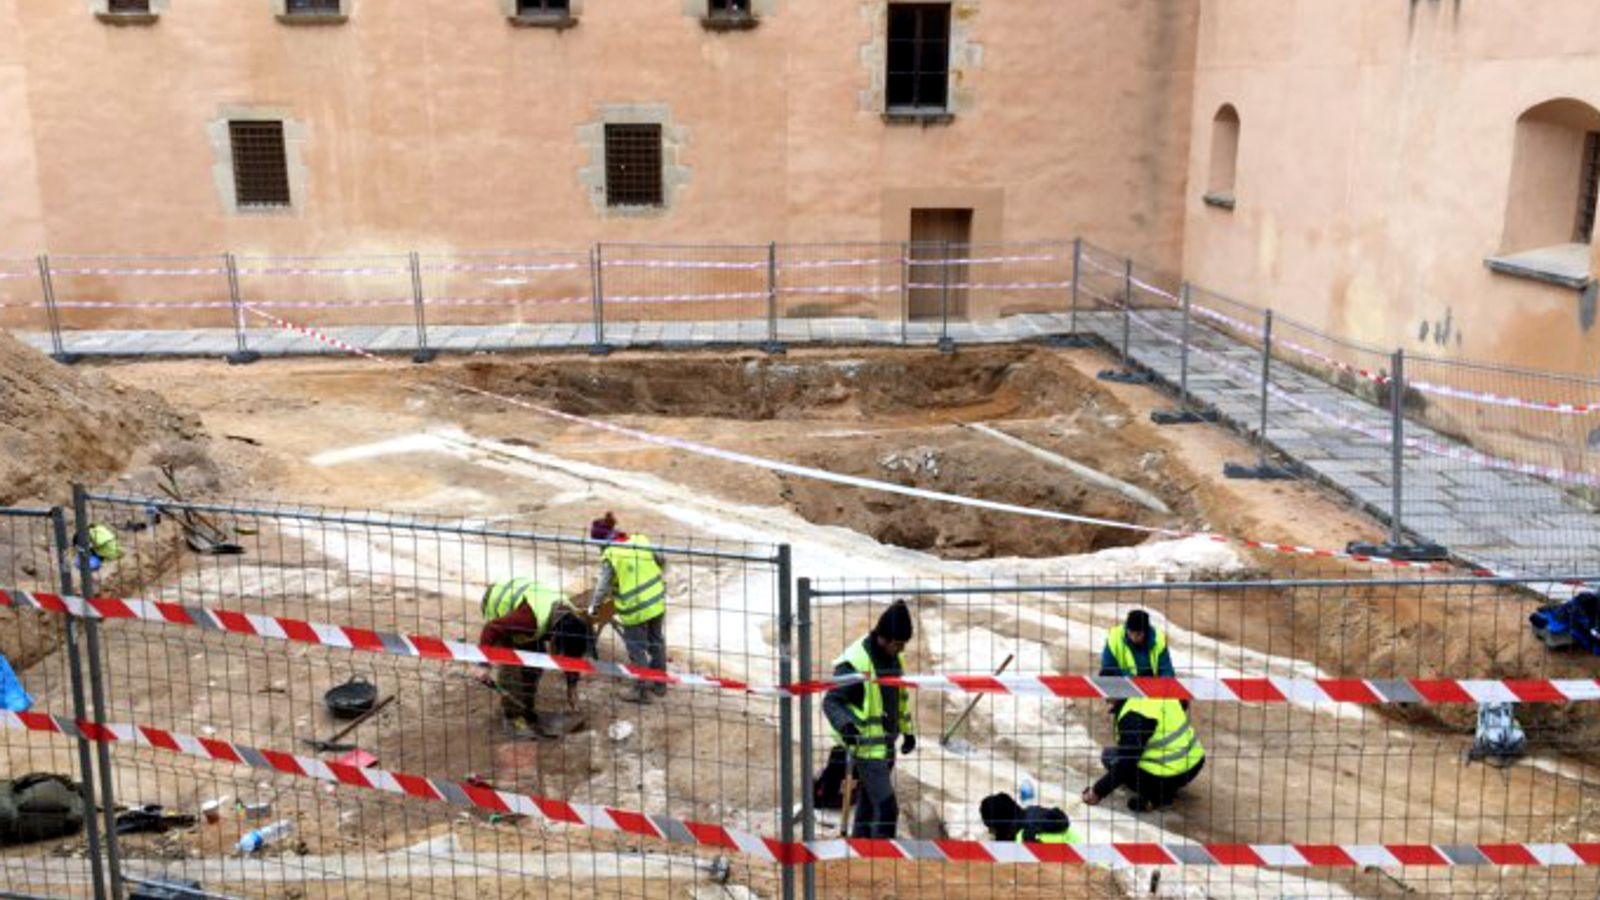 Comencen els treballs arqueològics en l'espai on hi haurà el futur Museu Thyssen